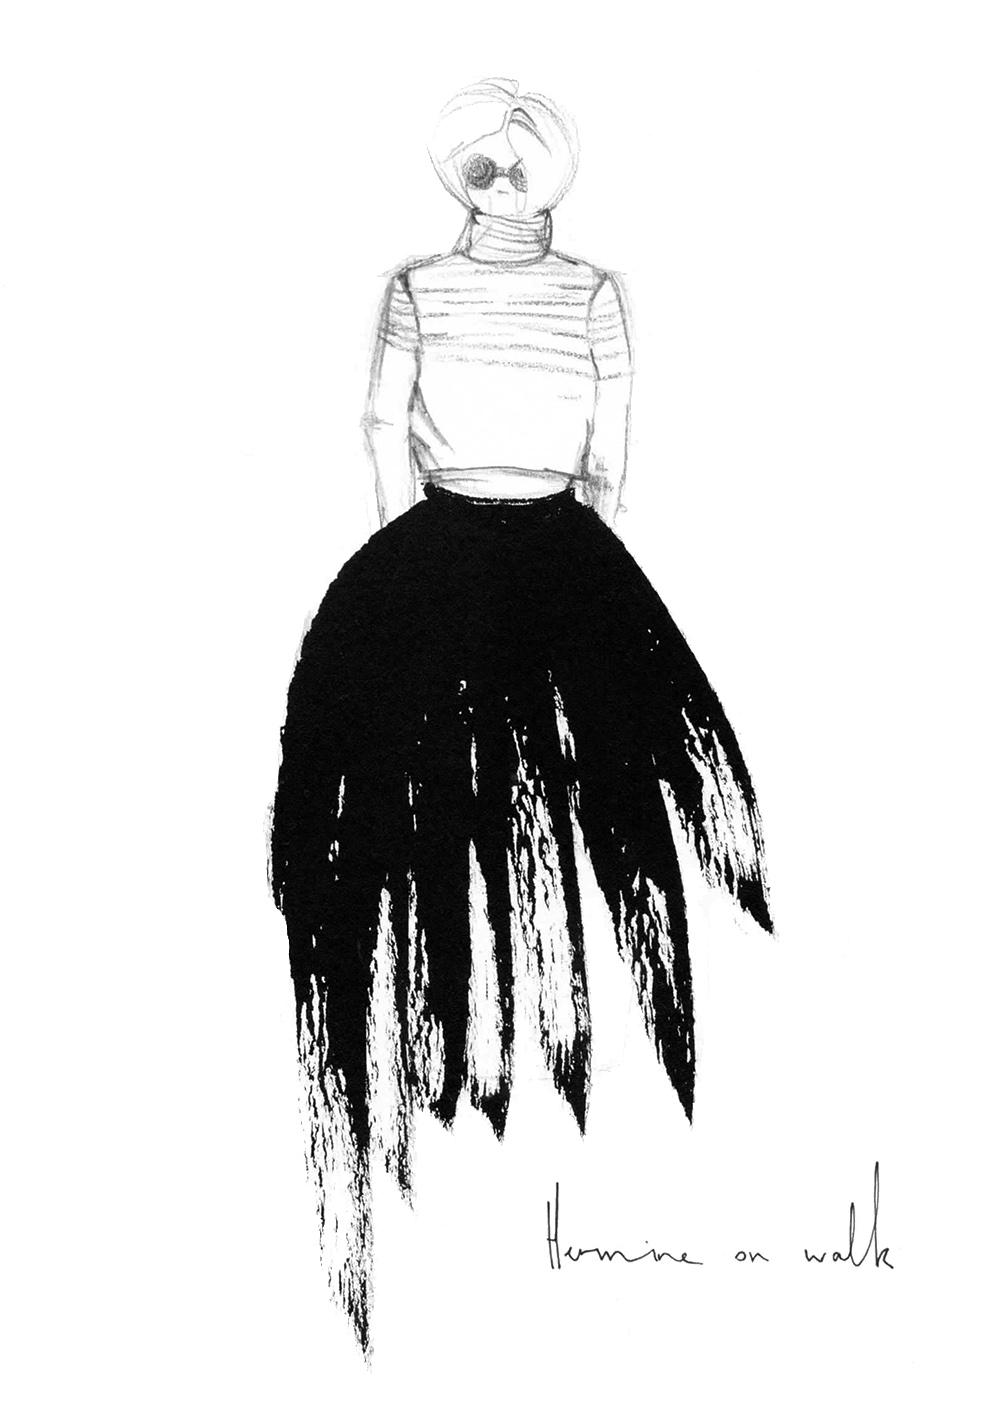 Ich zeige euch, welche 3 Schritte ich verwende, um meine Mode Illustrationen mit Tusche herzustellen - und wie euch das auch gelingt! Schaut vorbei. Fashion Illustrations | Fashion Sketch | Sketchbook | Fashion Drawing | Hermine on walk